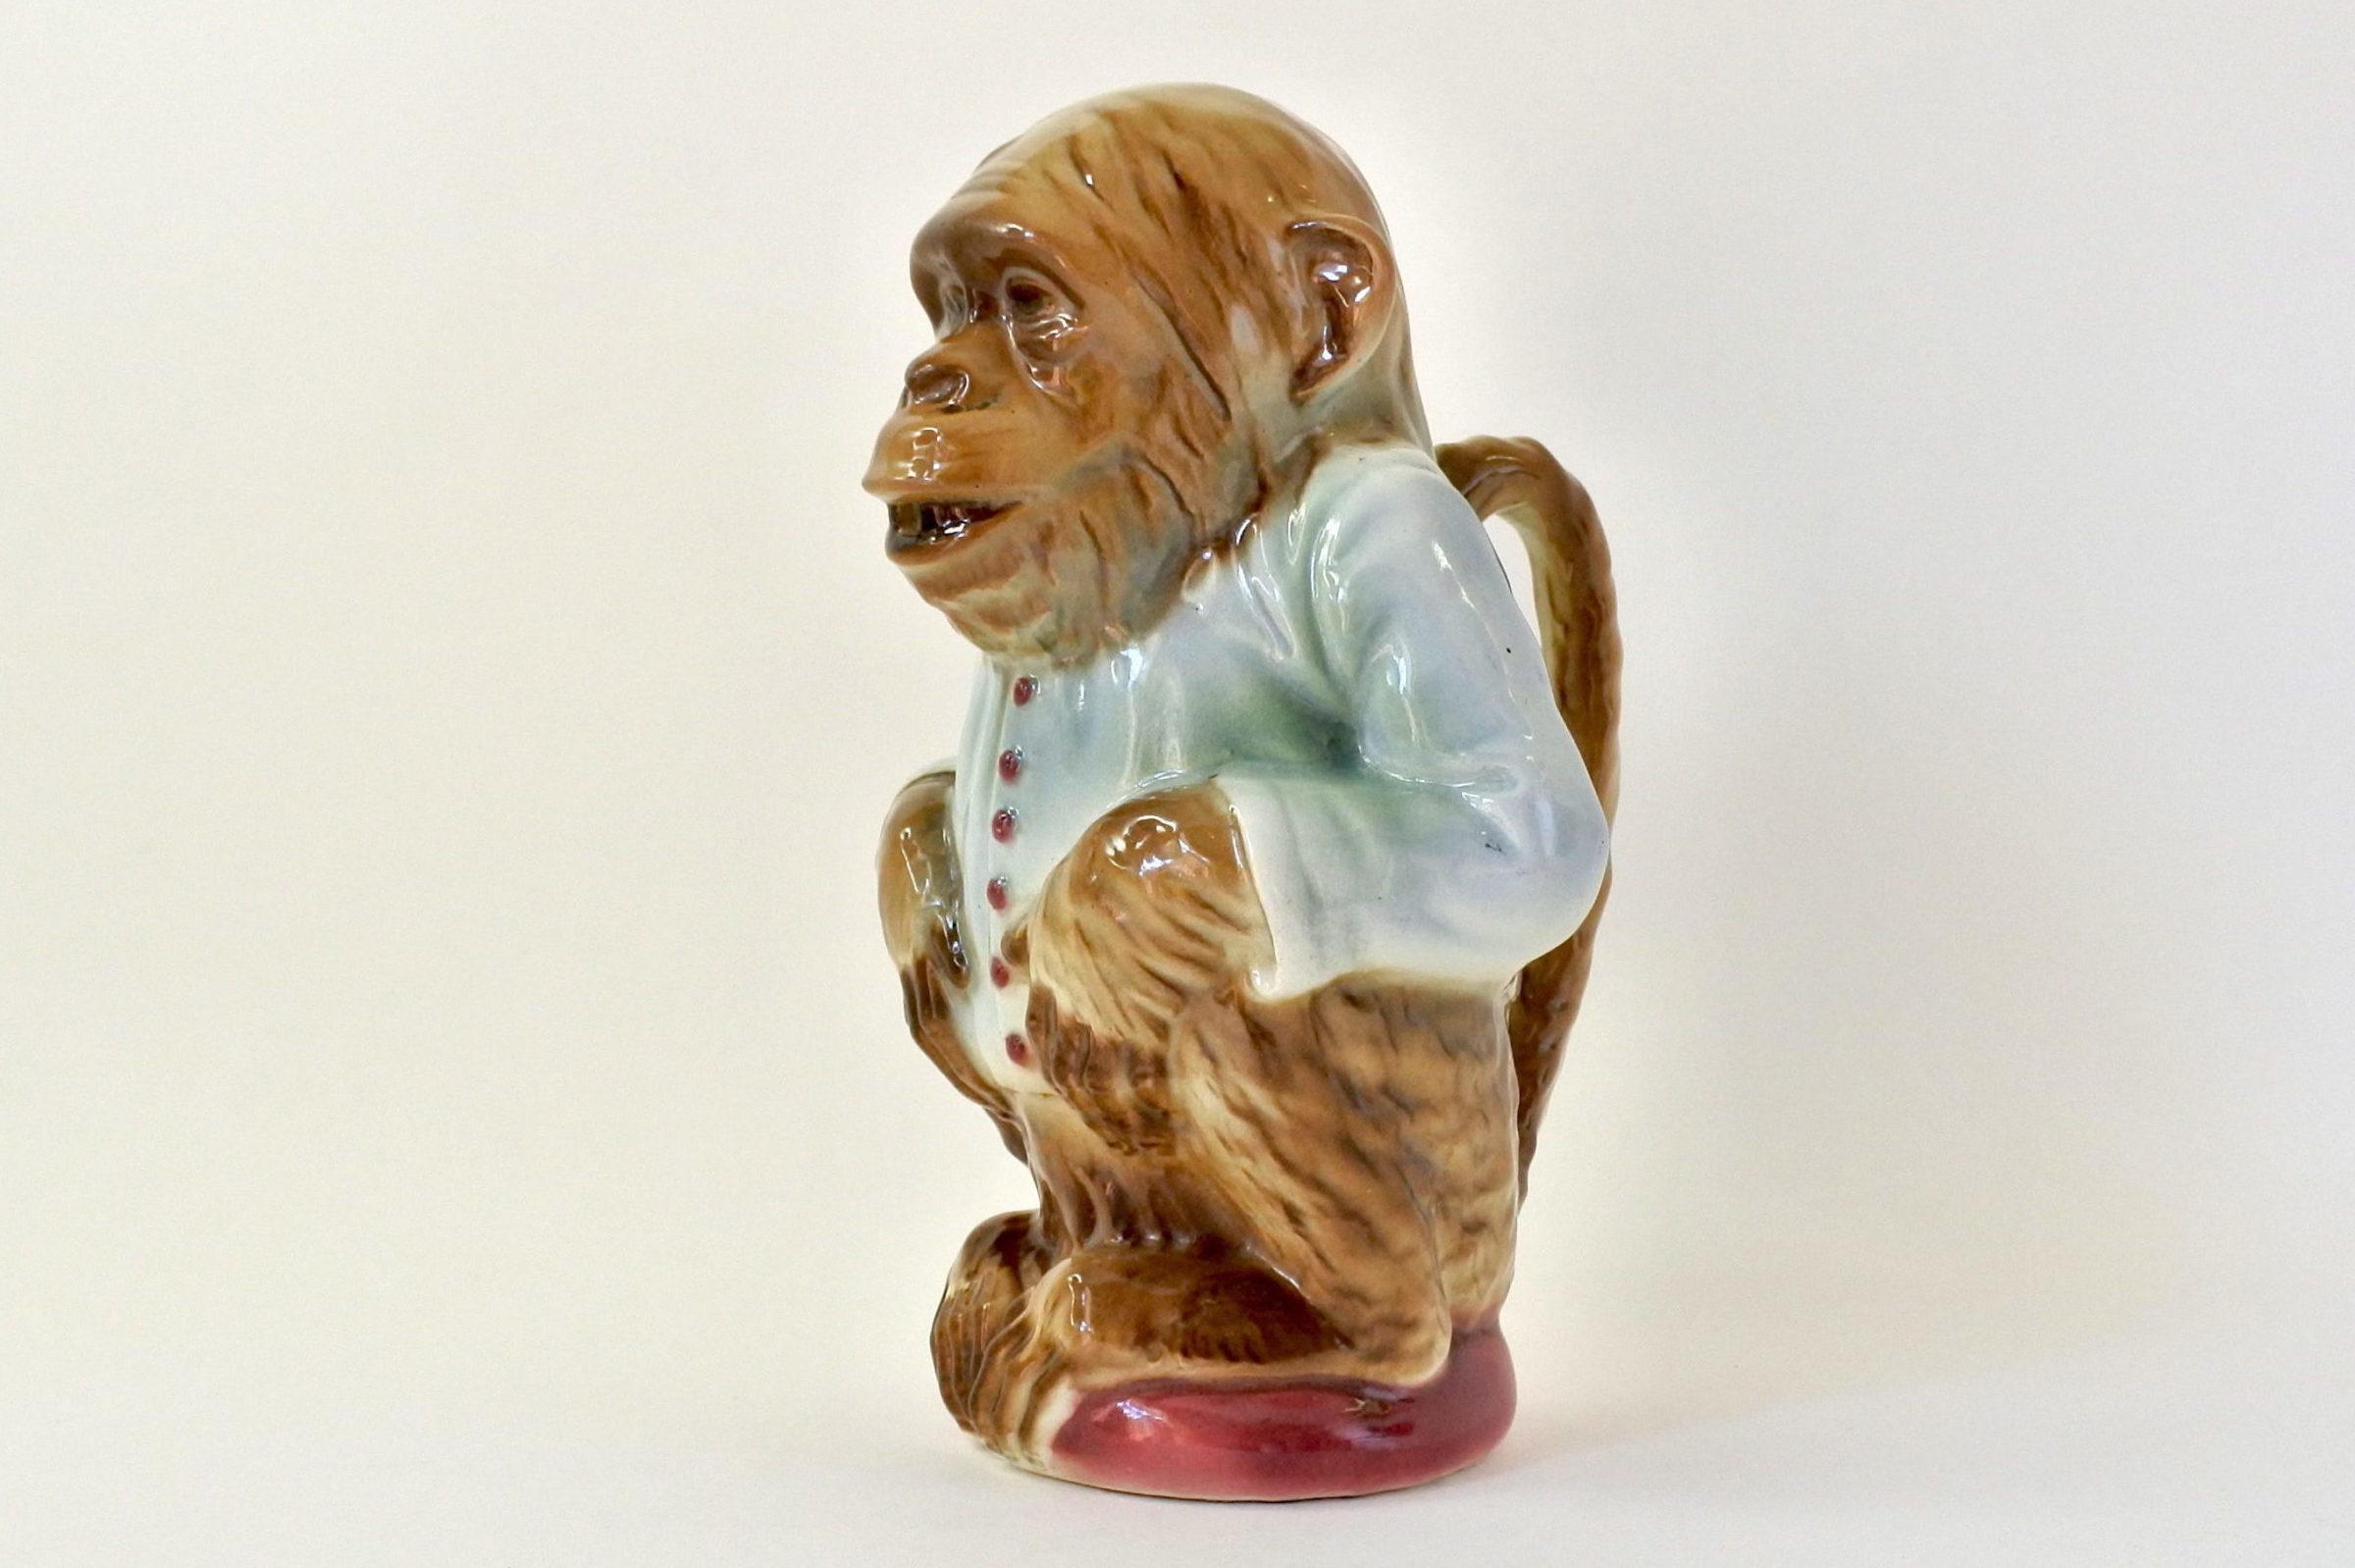 Brocca in ceramica barbotine con forma di scimmia - Saint Clément n° 435